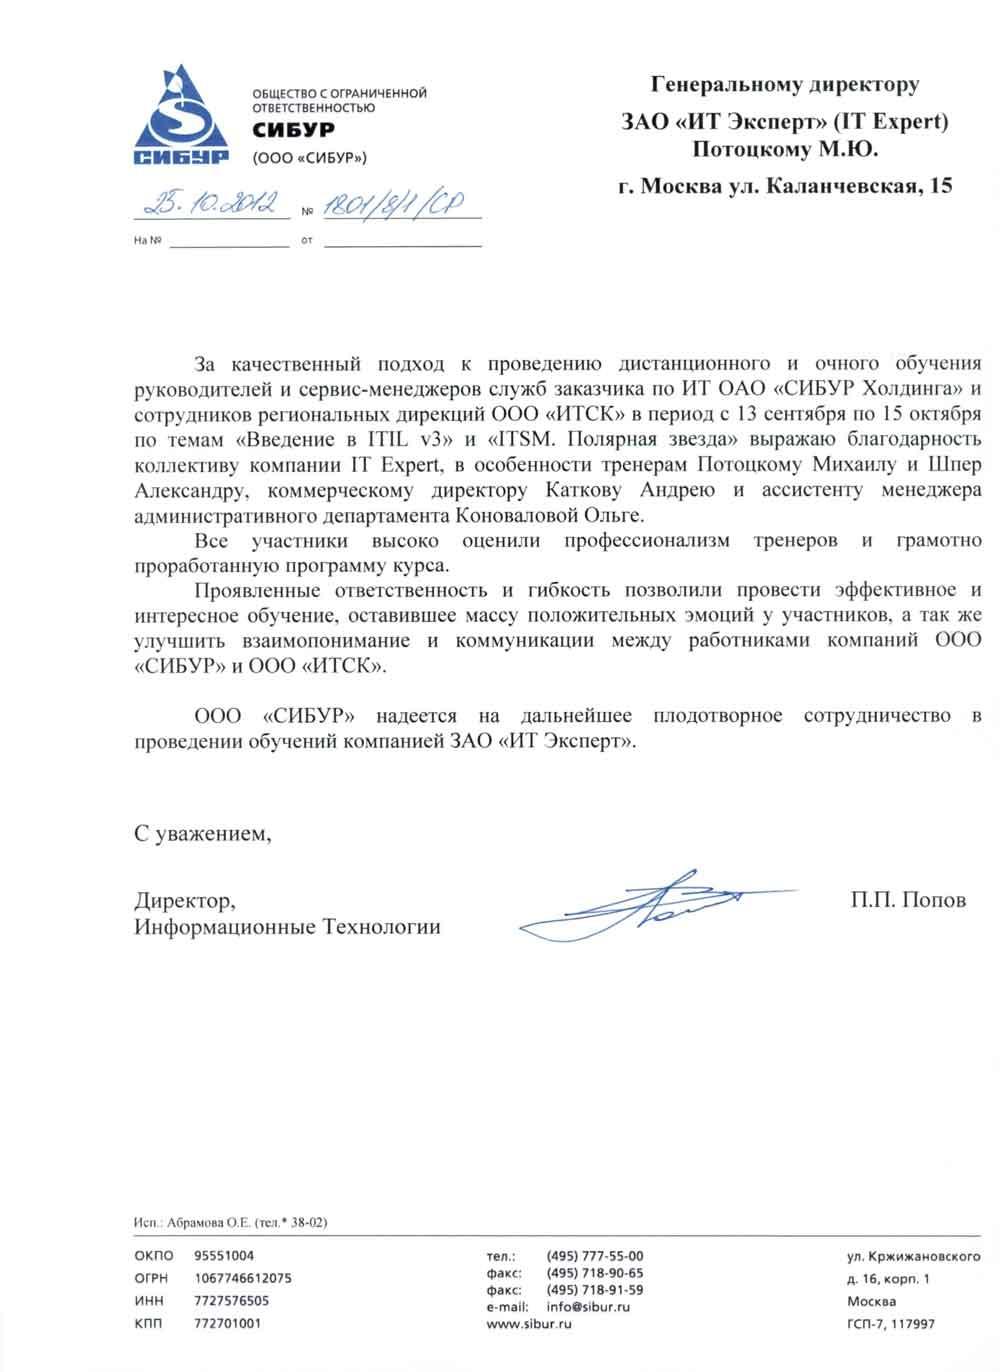 Благодарственное письмо СИБУР